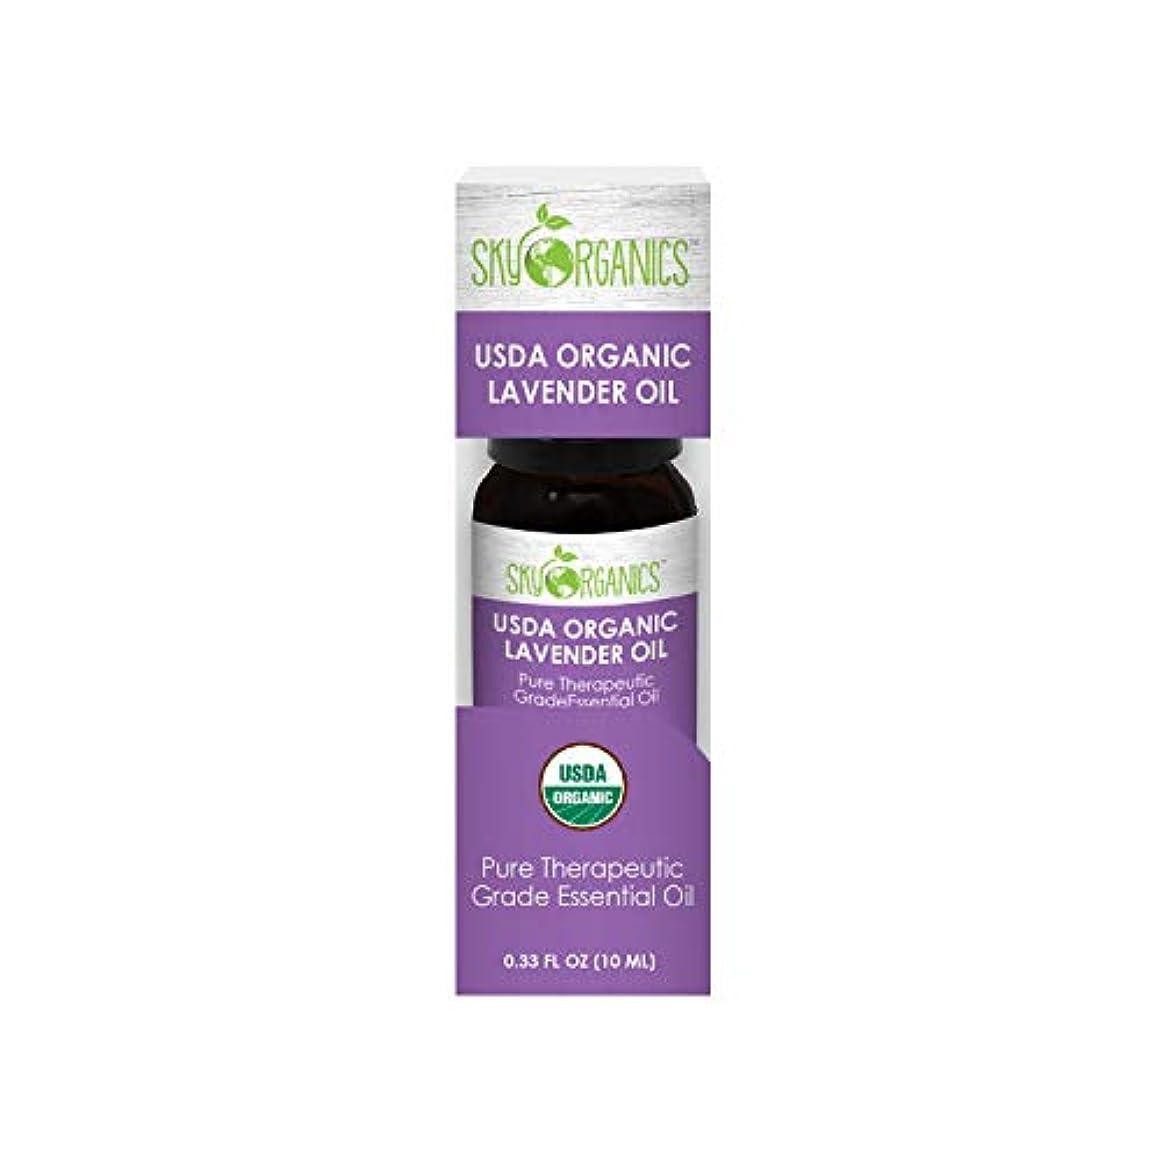 破壊的シリンダーショッキング認定エッセンシャルオイル Lavender Oil Sky Organics USDAオーガニックラベンダーオイル-10 ml-ピュアセラピューティックグレードのエッセンシャルオイル-ディフューザー、アロマセラピー、マッサージオイル、DIY